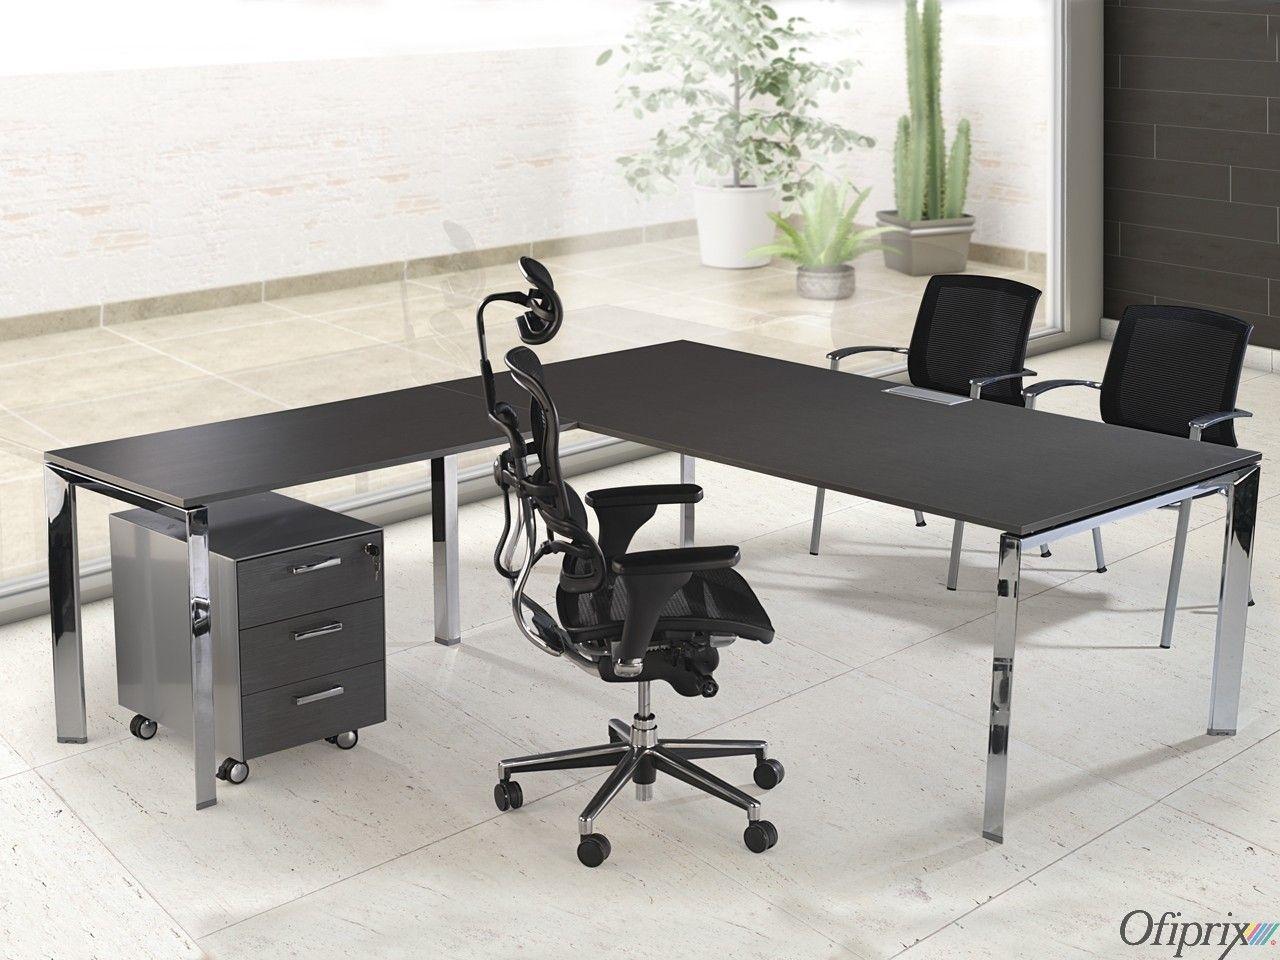 Mesas de reuniones modernas link estudio mesas for Mesas de despacho modernas